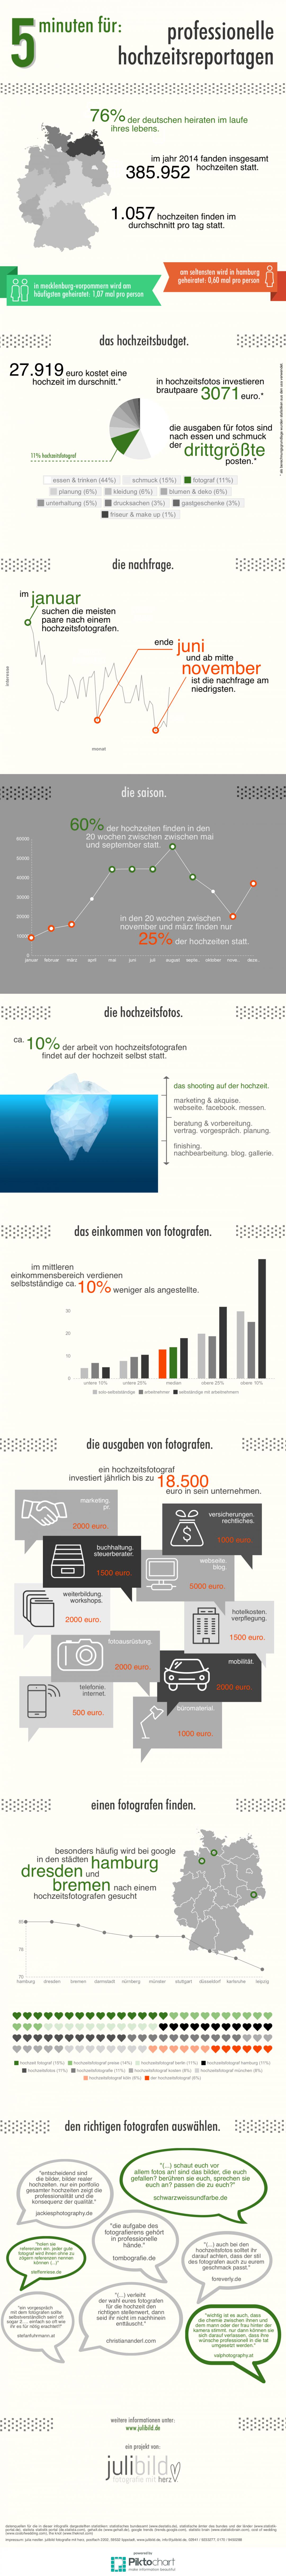 Infografik zum Thema Hochzeit. Ein Beitrag von Nils Wydrinna, Hochzeitsfotograf in Salzkotten bei Paderborn